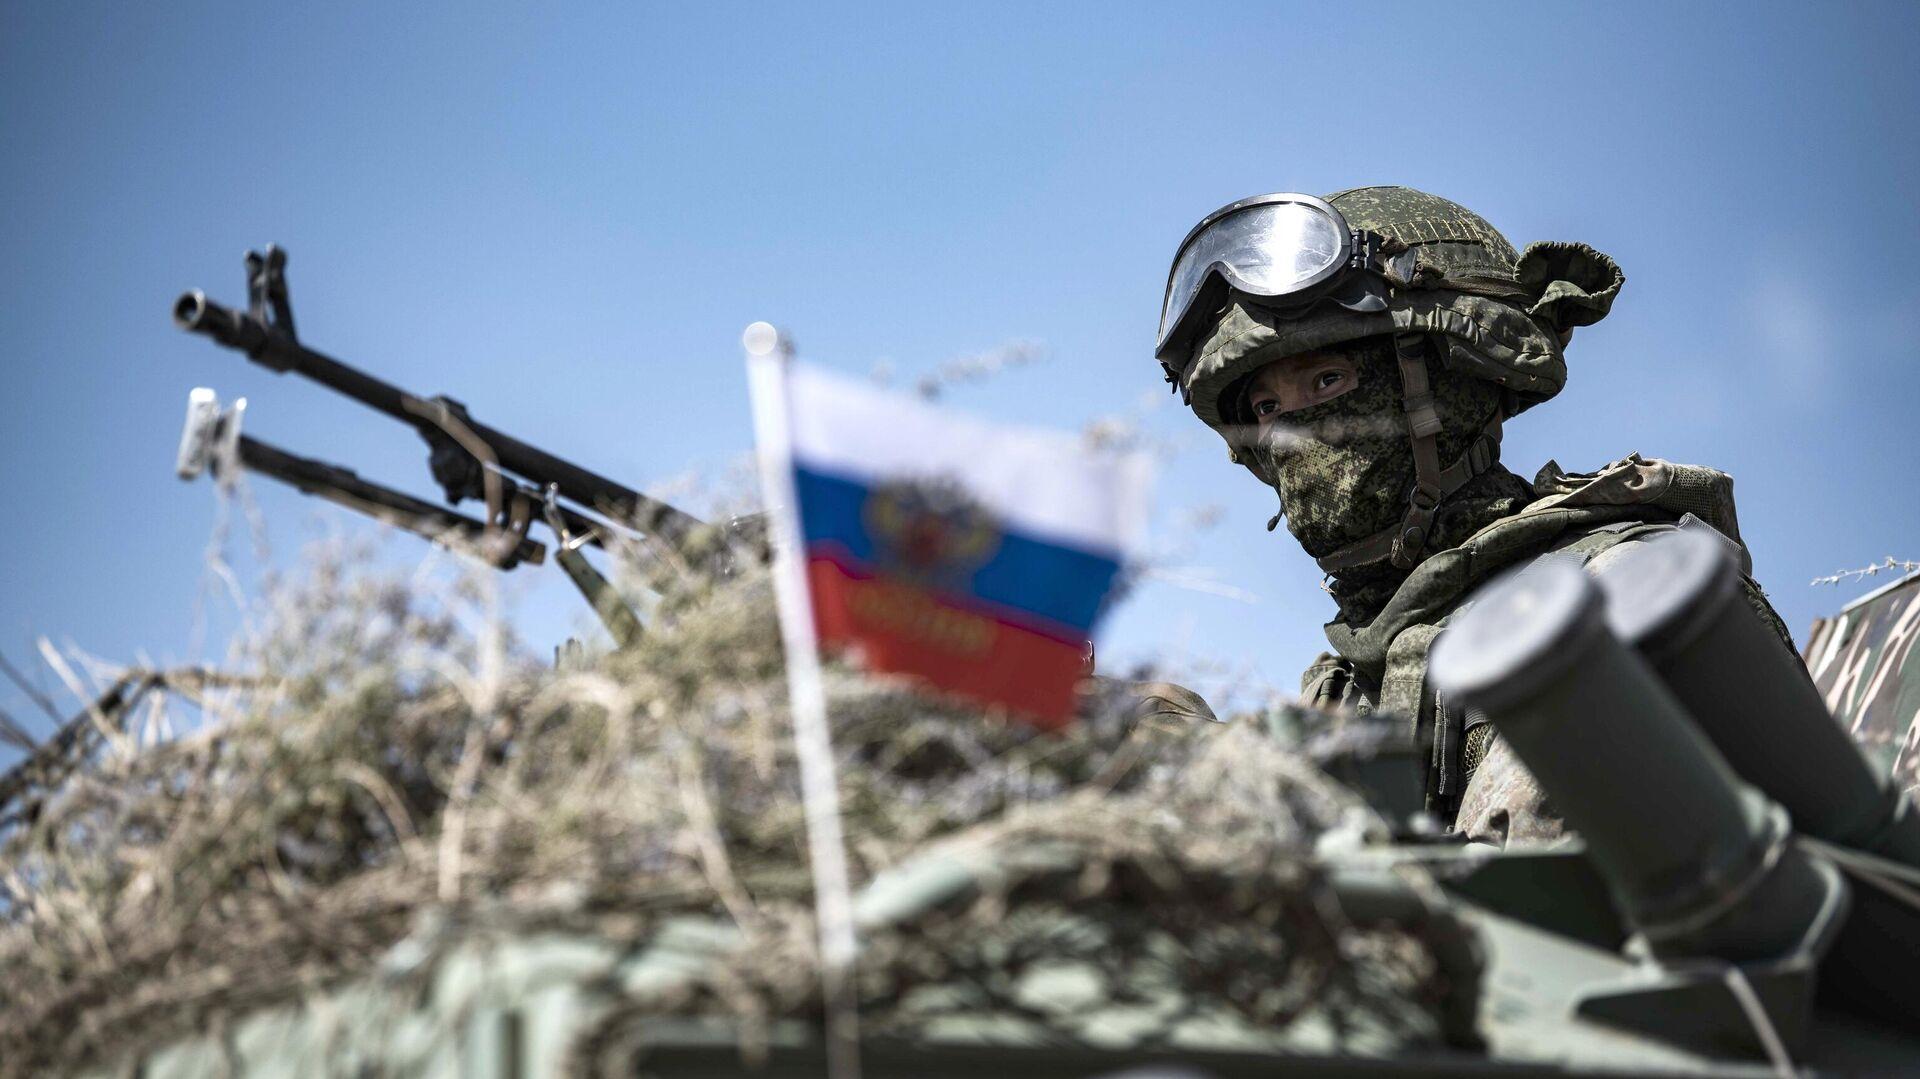 Российский военнослужащий на учениях ОДКБ Рубеж-2021 на полигоне Эдельвейс в Киргизии - РИА Новости, 1920, 07.10.2021